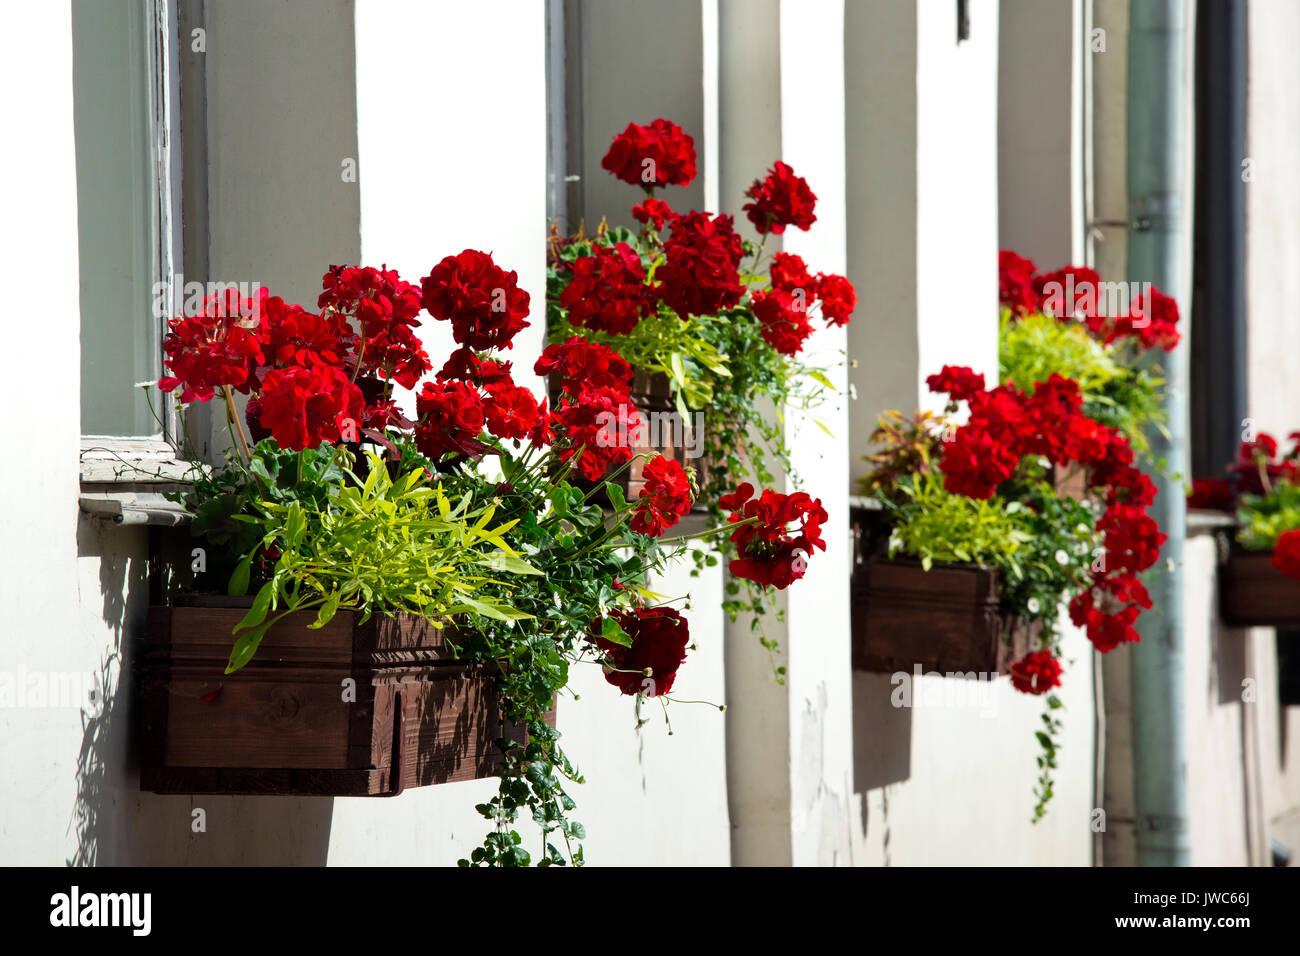 Rote Blumen In Kisten Aus Holz An Der Wand Bluhende Pflanzen Auf